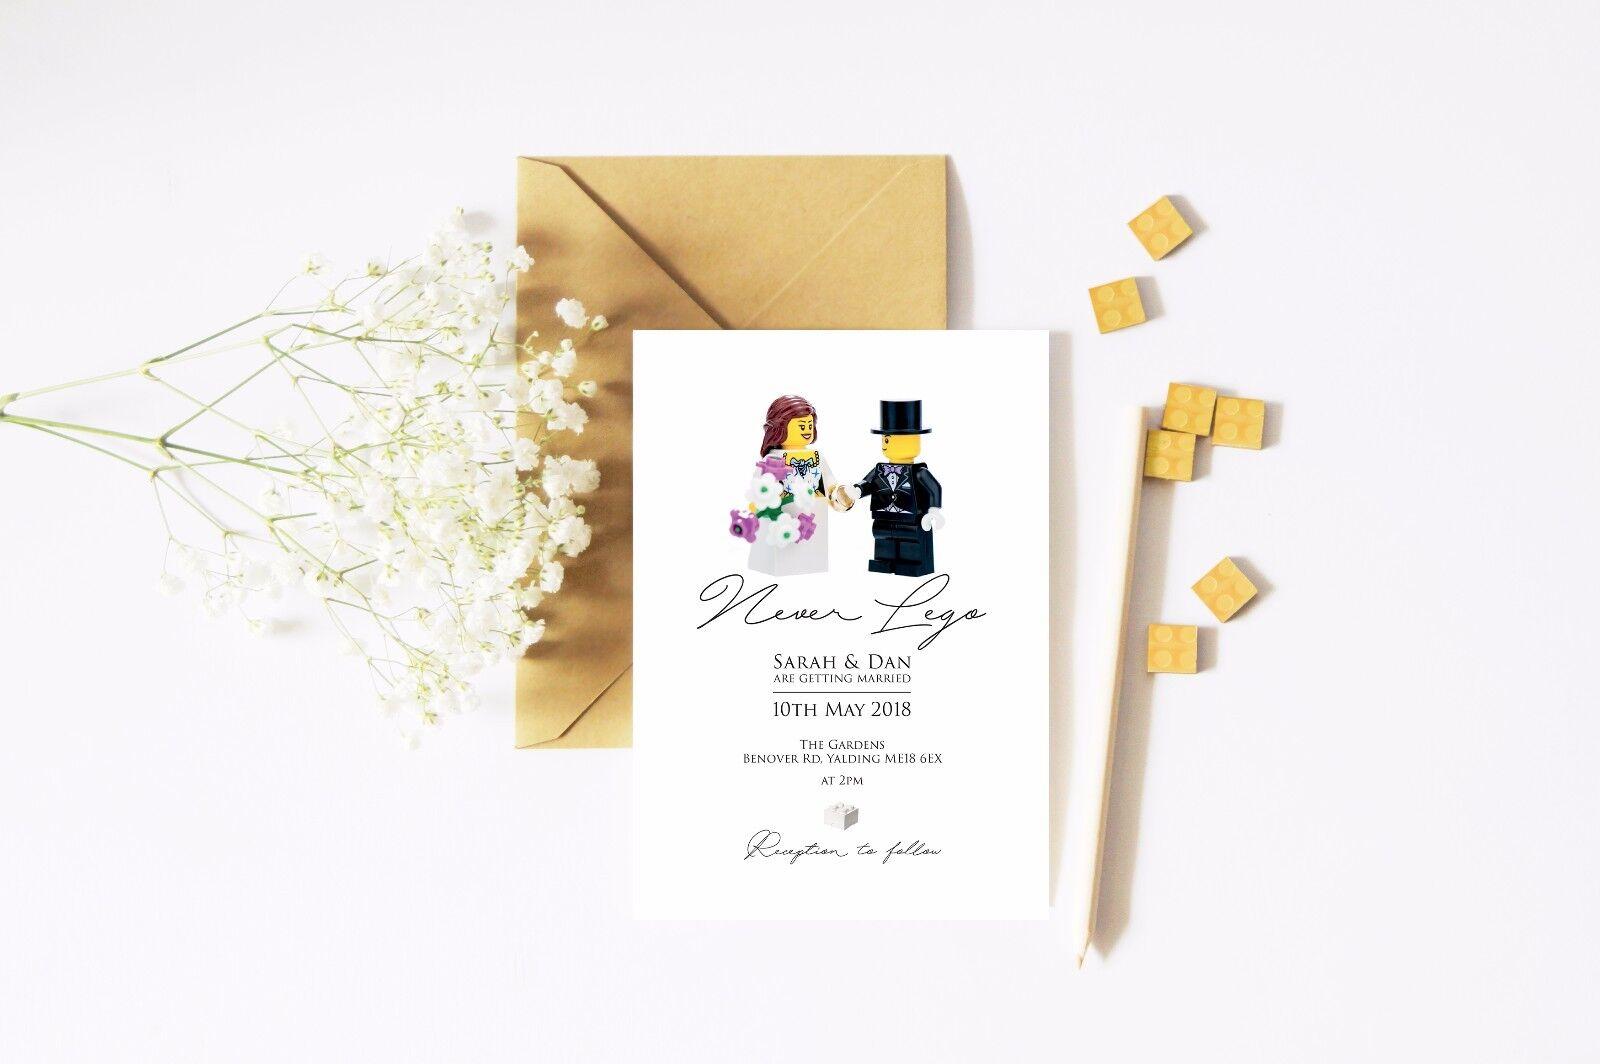 50  Never Lego  Lego Personalised Wedding Invitations